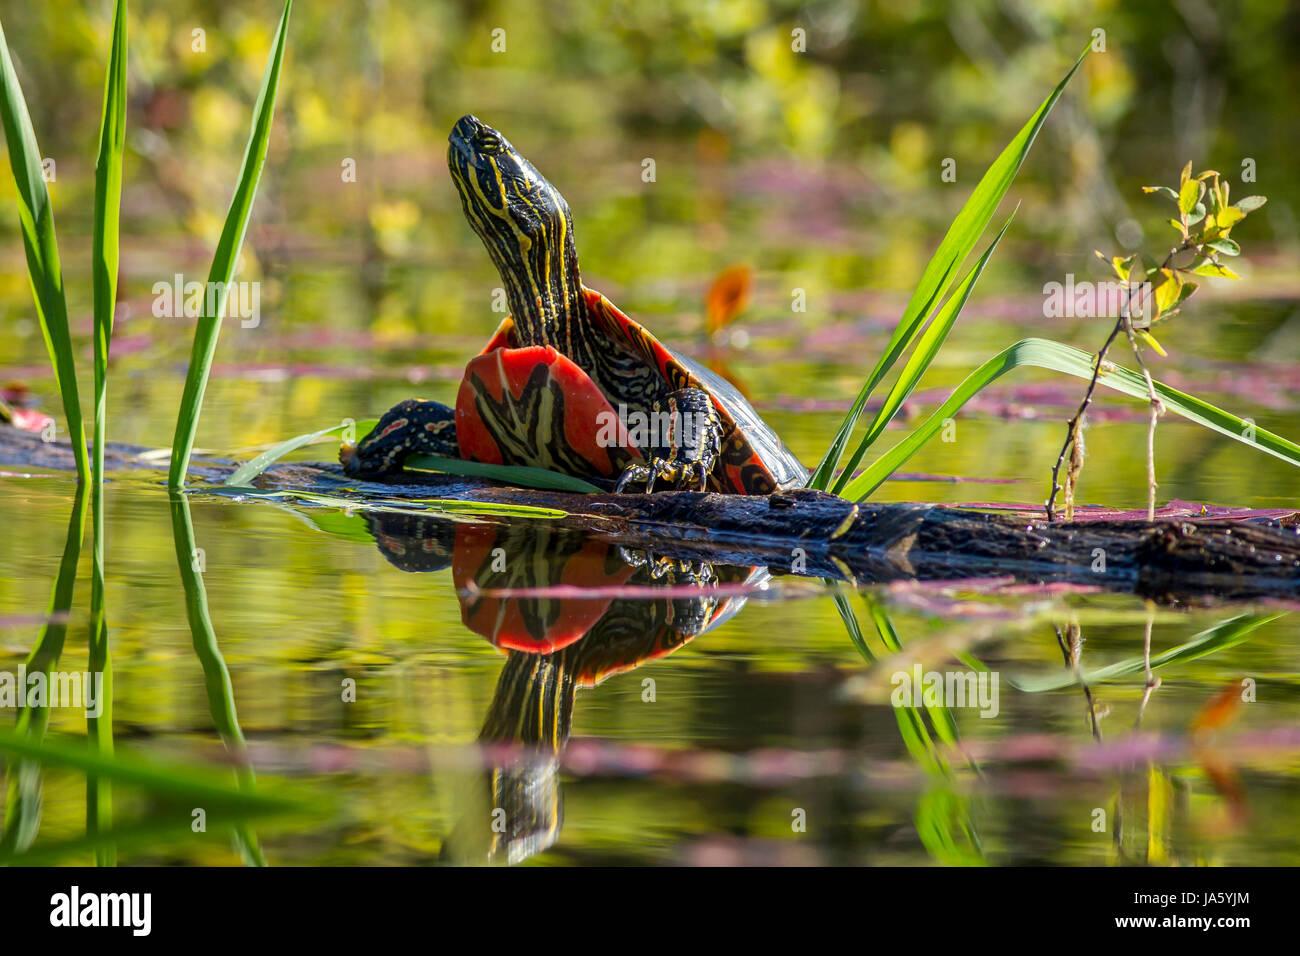 Eine gemalte Schildkröte ruht auf einem Baumstamm in ruhigem Wasser in Twin Lakes, Idaho. Stockbild